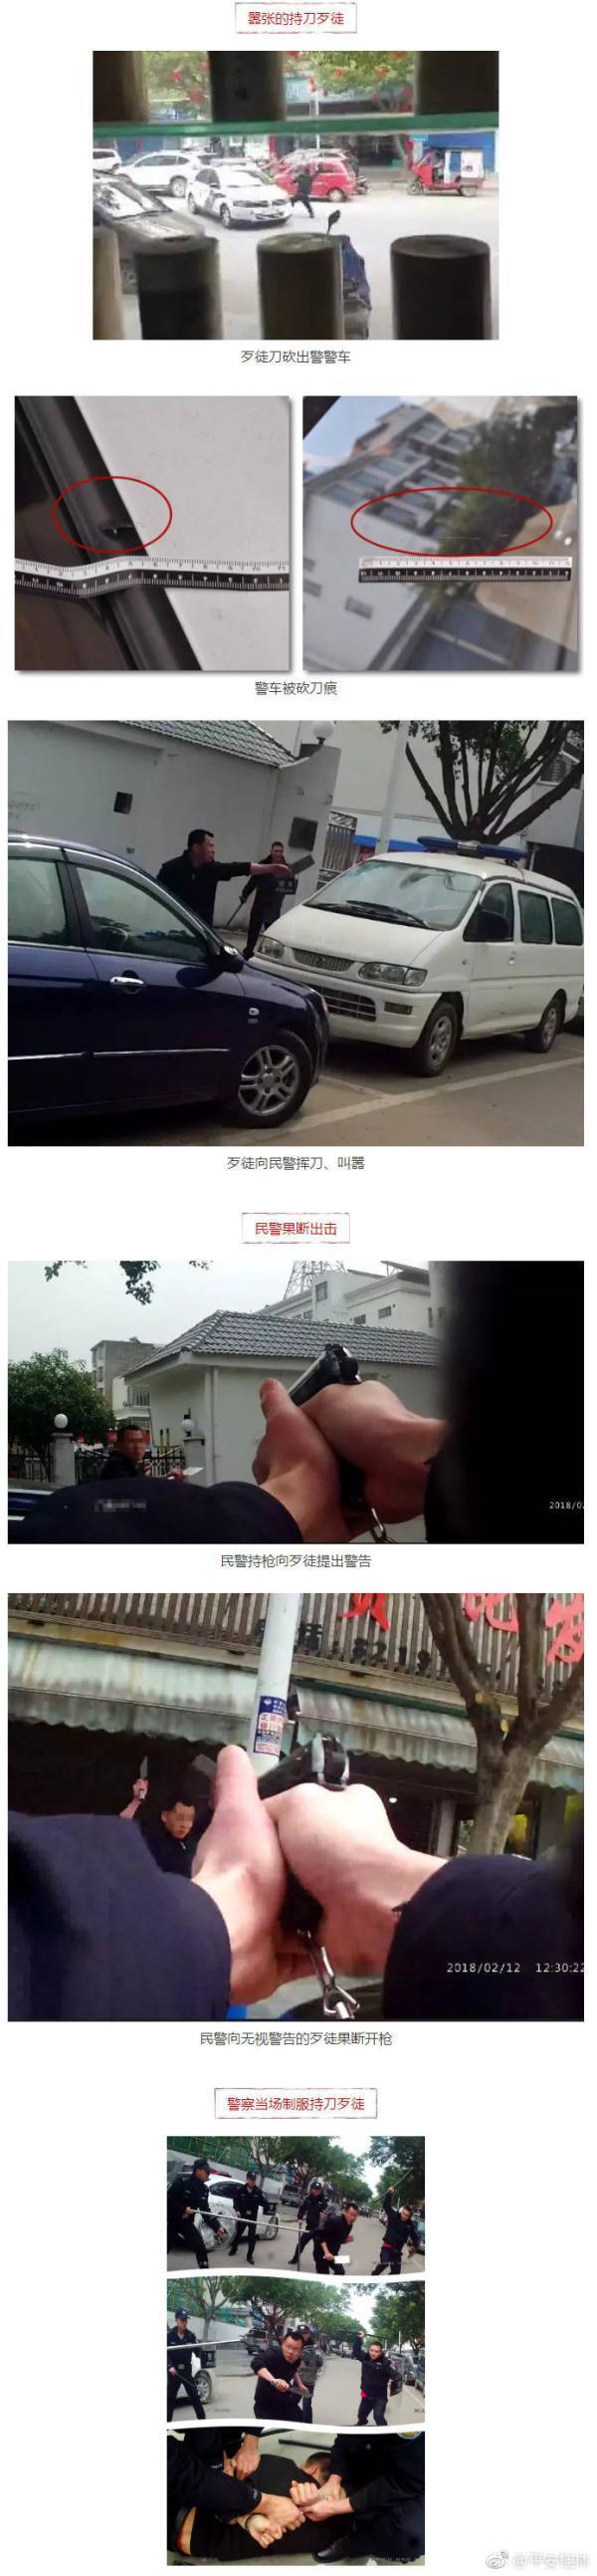 广西一男子持两把菜刀追砍路人 警察开枪将其制服